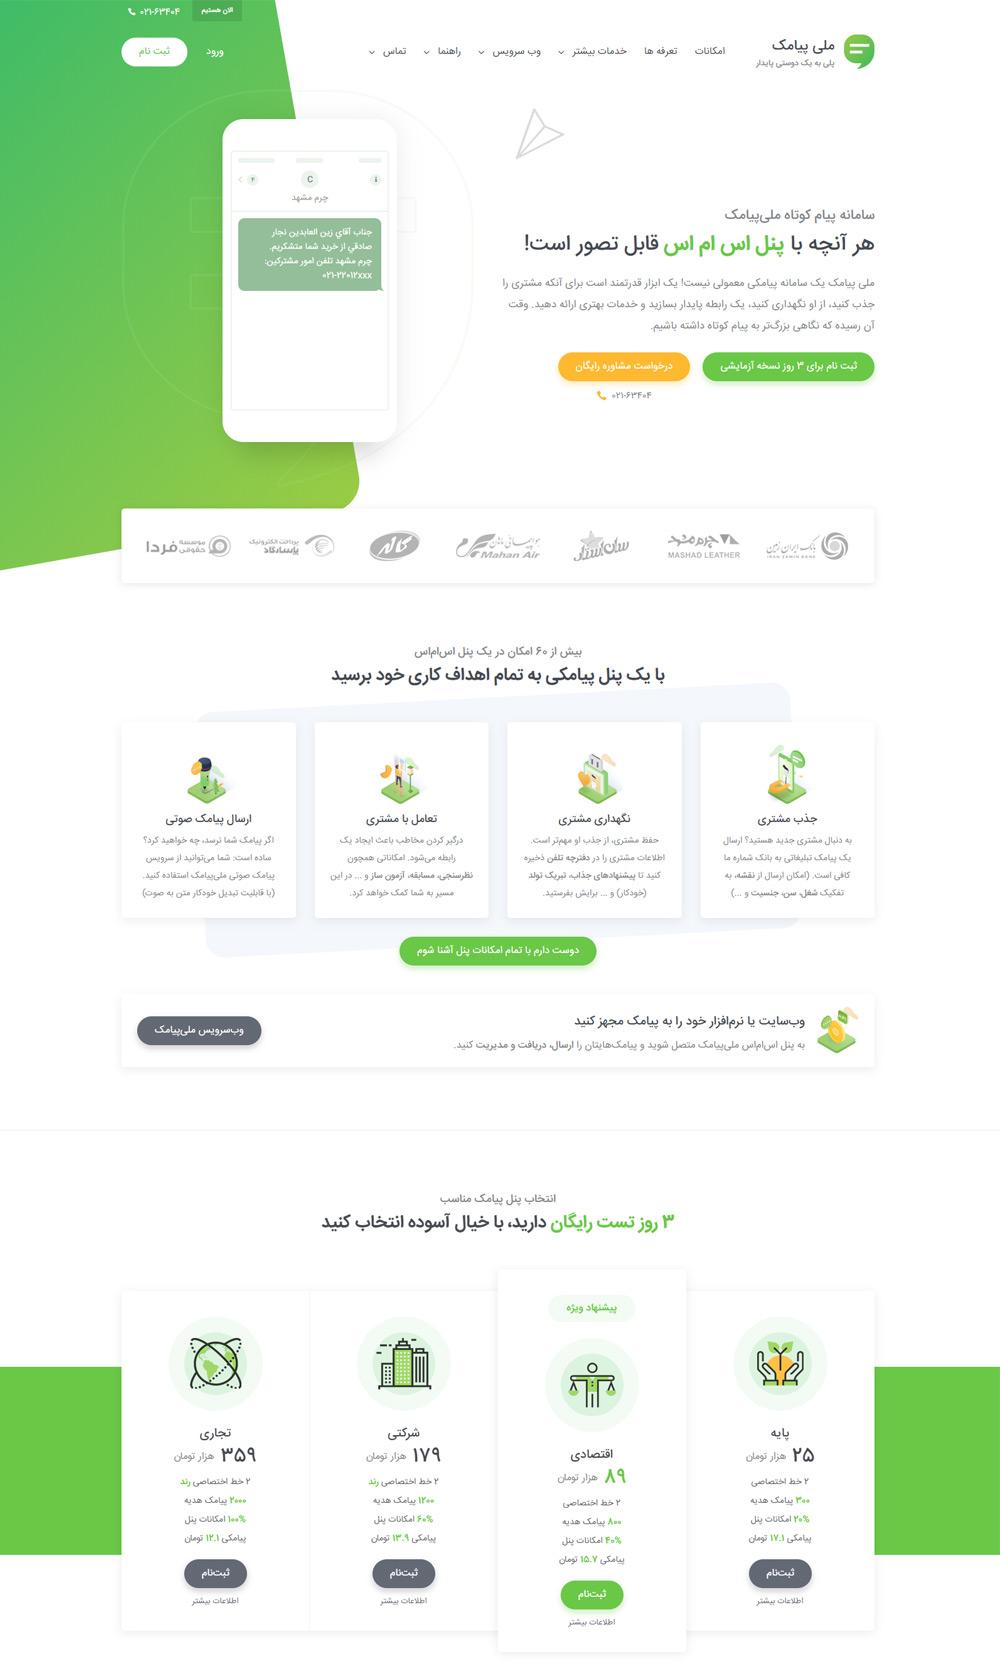 طراحی صفحه اصلی ملی پیامک